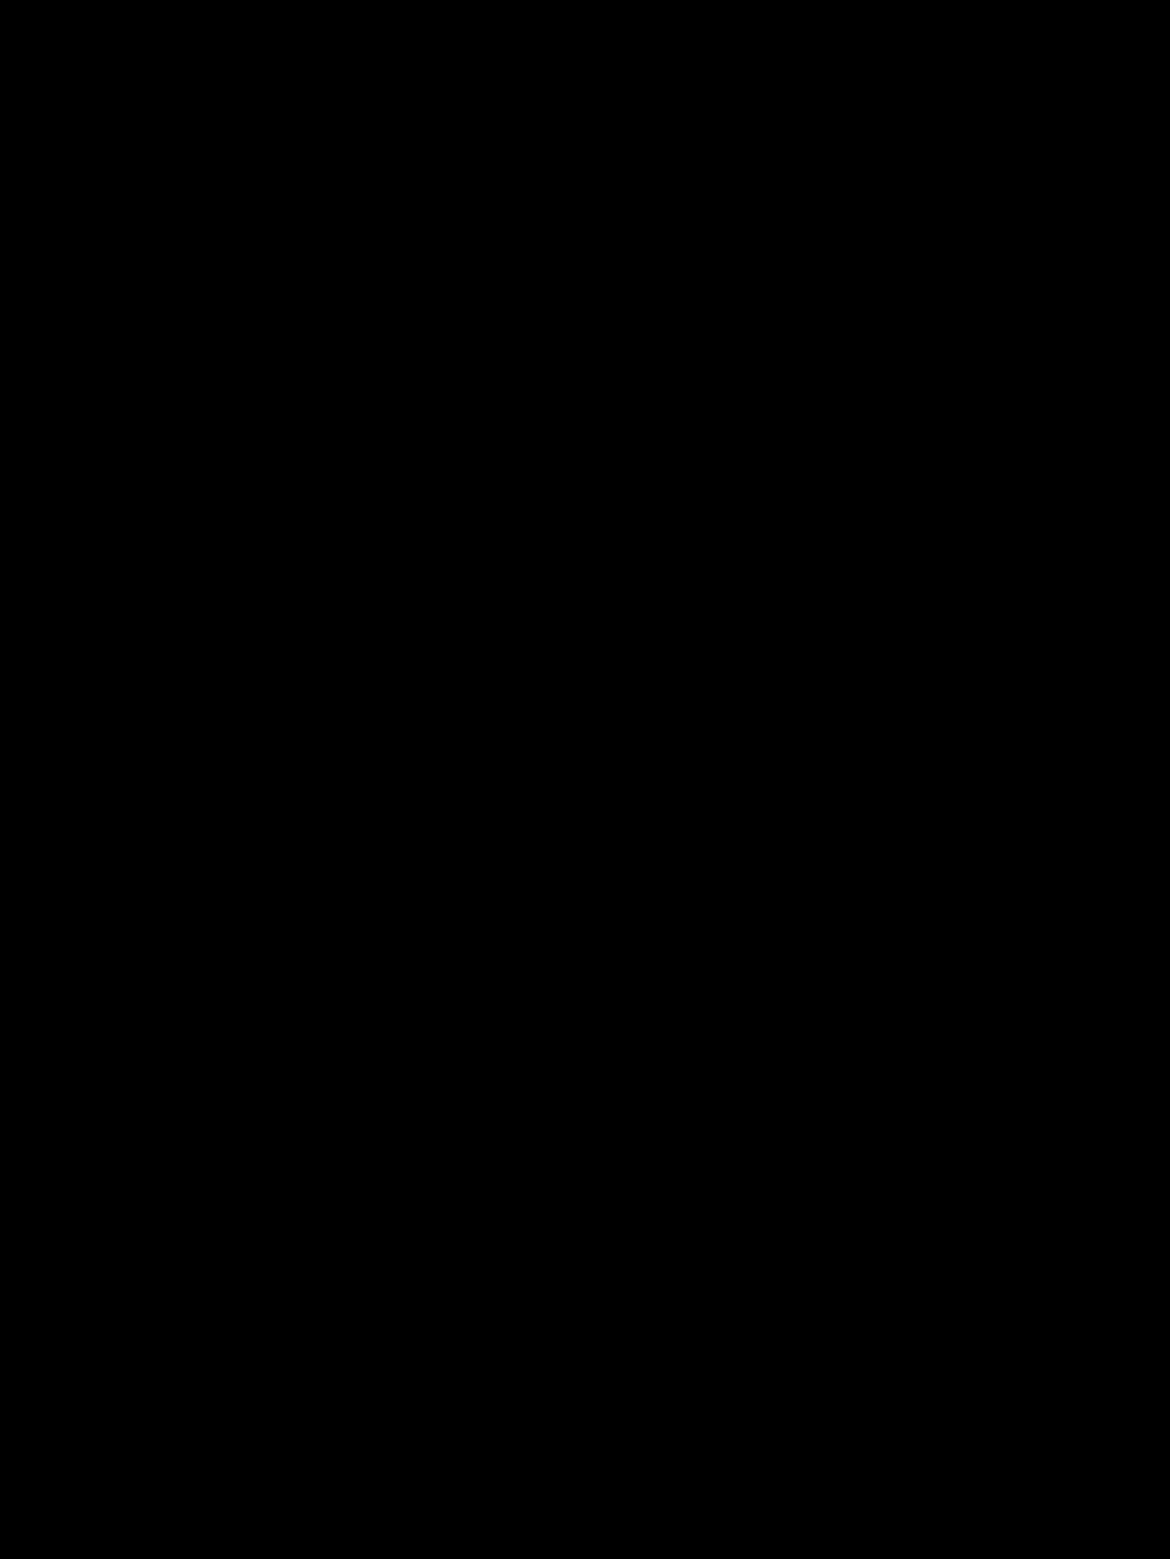 Visitare Sorrento e dintorni: cosa vedere, dove dormire e mangiare